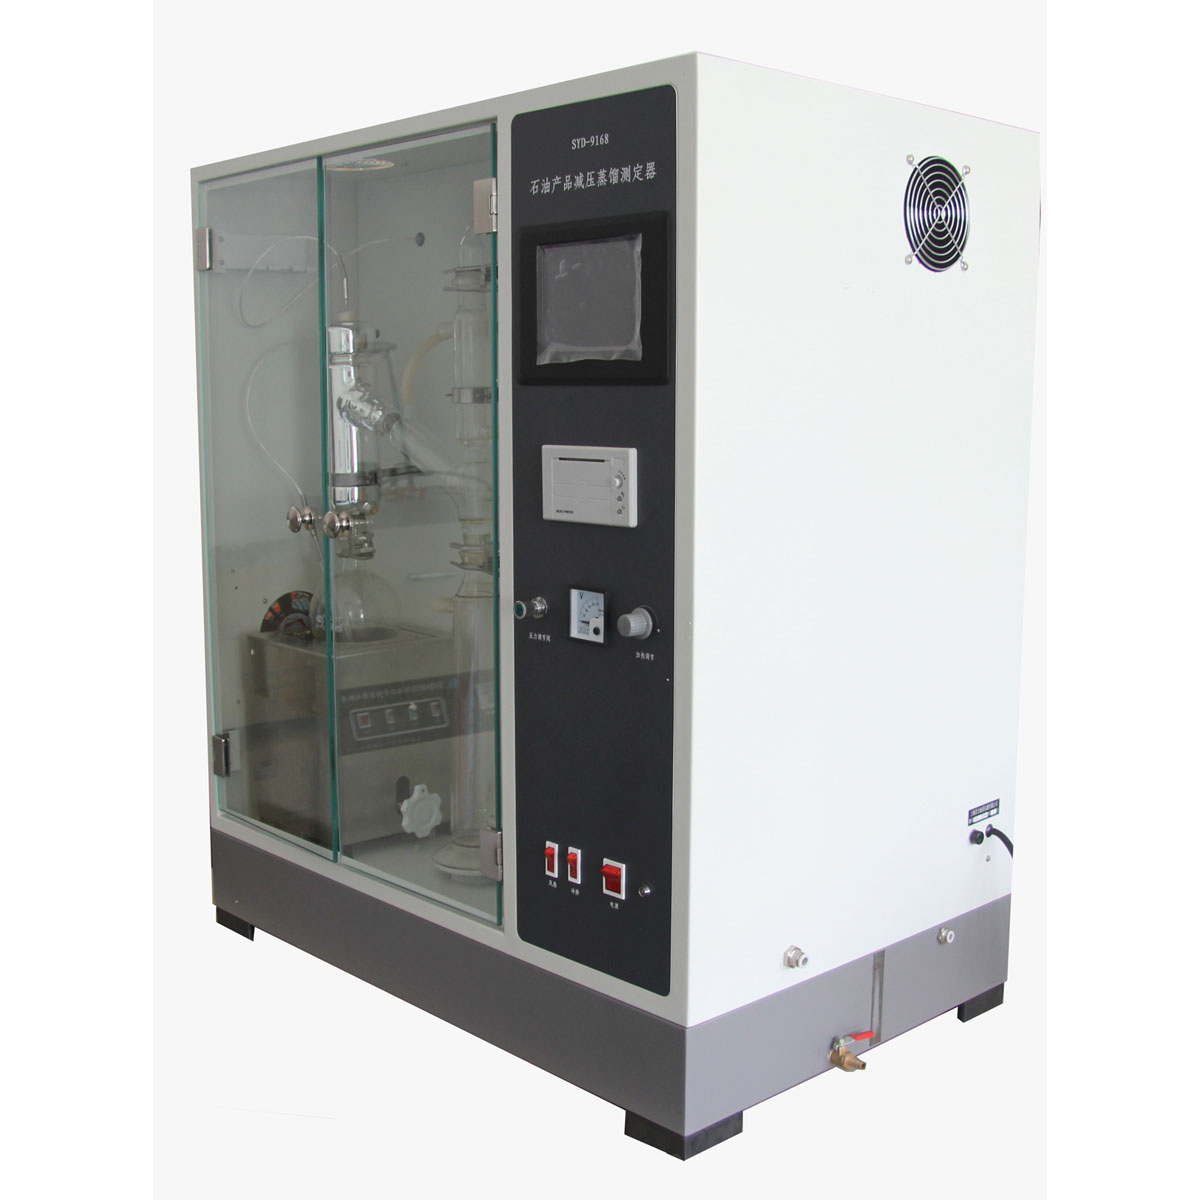 SYD- 9168 - Destilação no vácuo - Aparelho personalizado